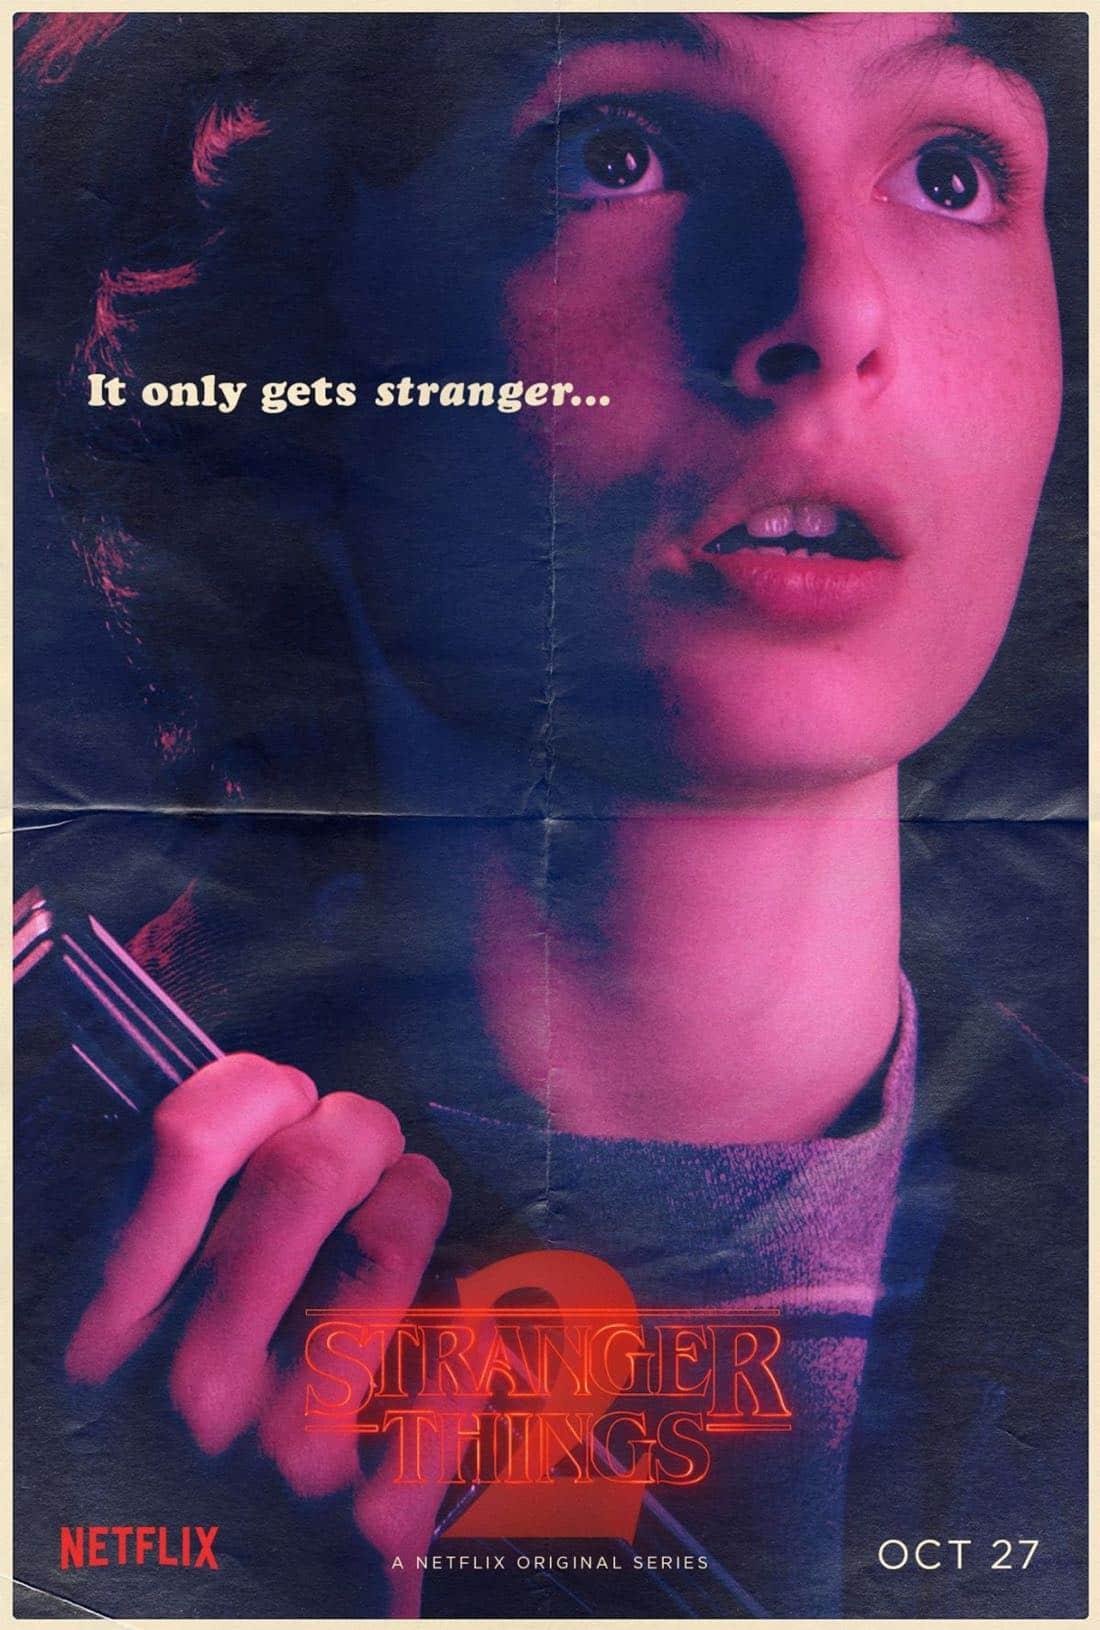 Stranger Things Character Poster - Finn Wolfhard - Mike